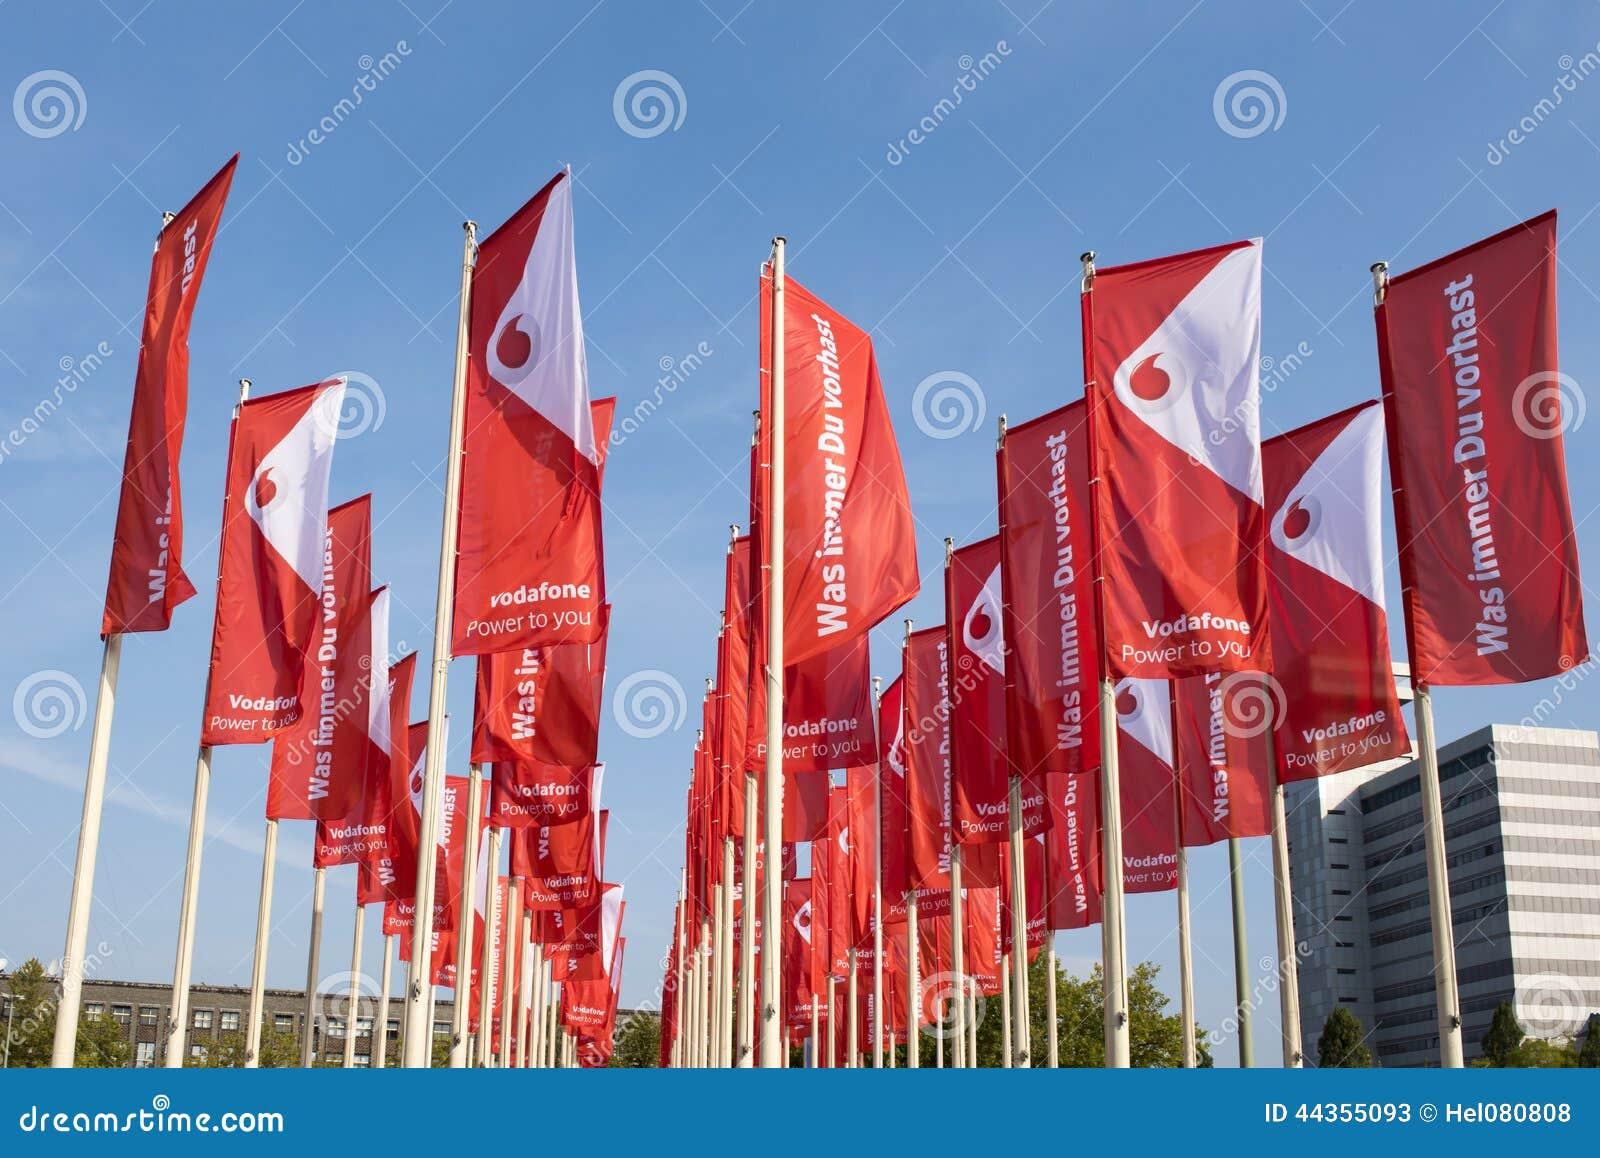 Σημαίες Vodafone σε IFA Βερολίνο